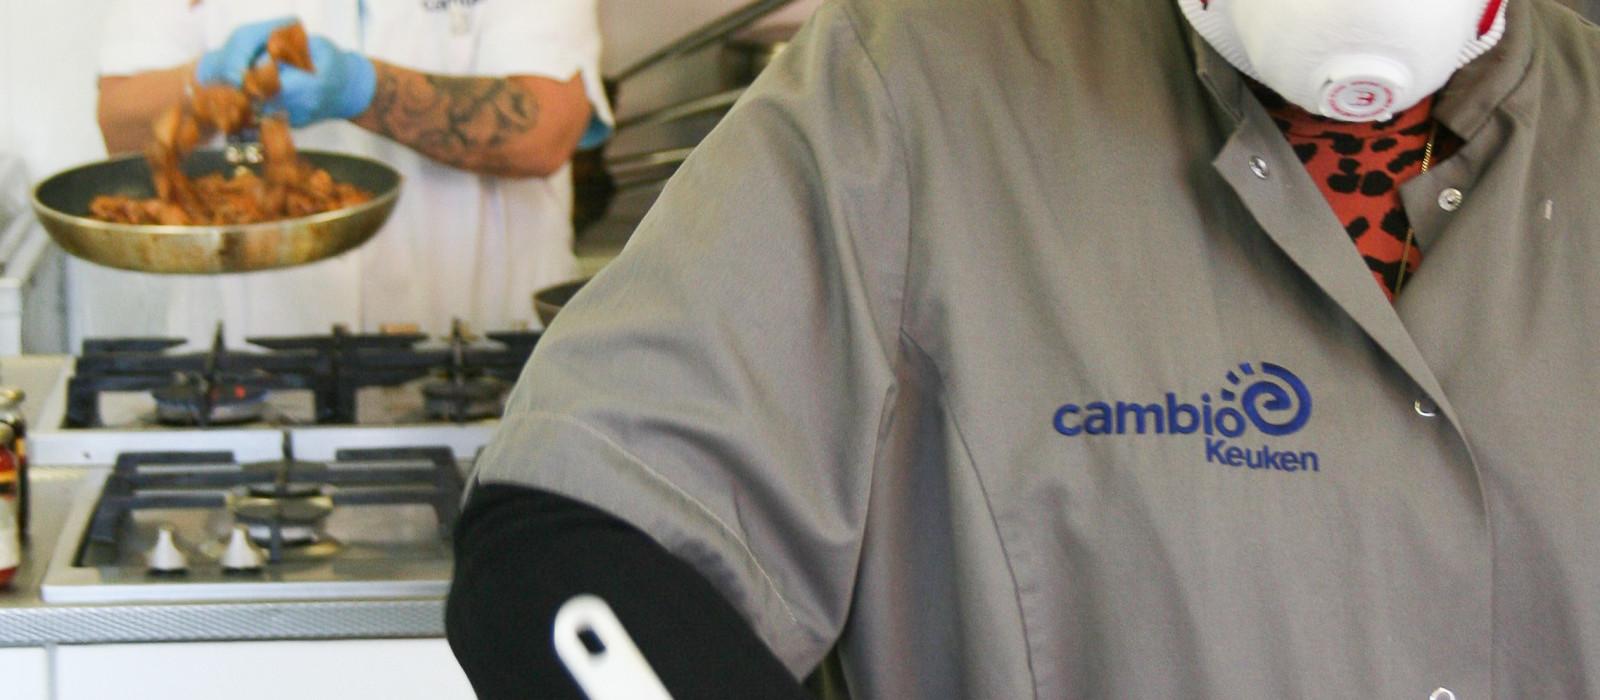 CambioKeuken kookt voor bewoners Ludgerus